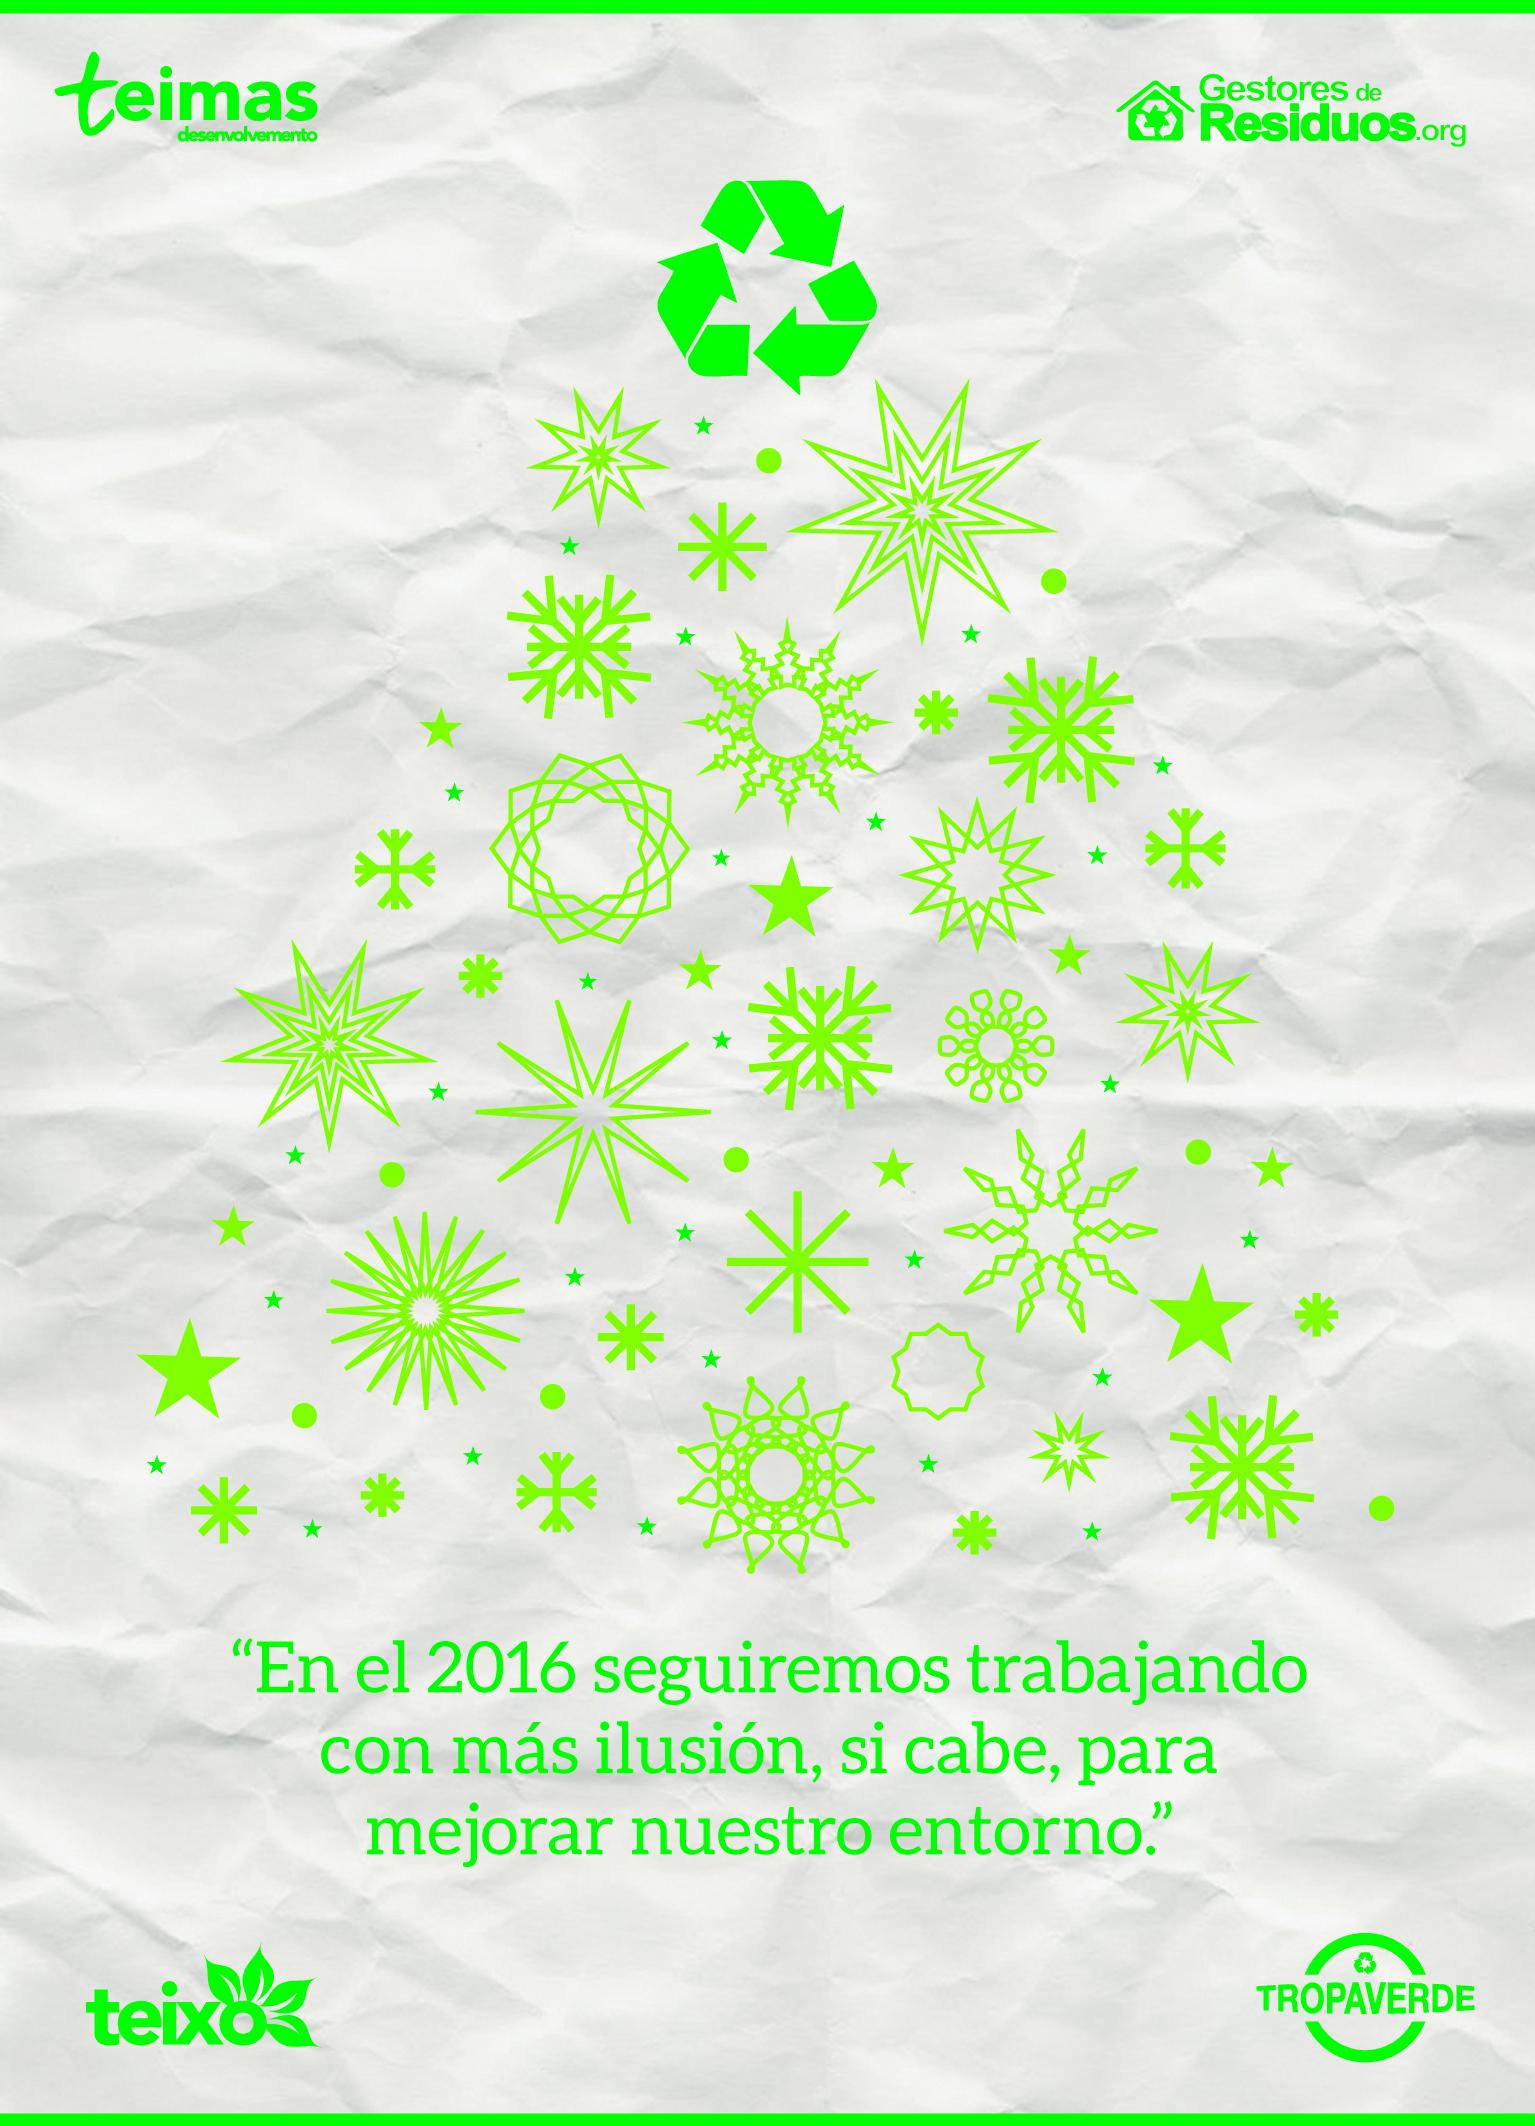 Todo el equipo de Teimas te agradece que nos acompañes en nuestro camino y te desea unas felices fiestas y un mejor 2015.